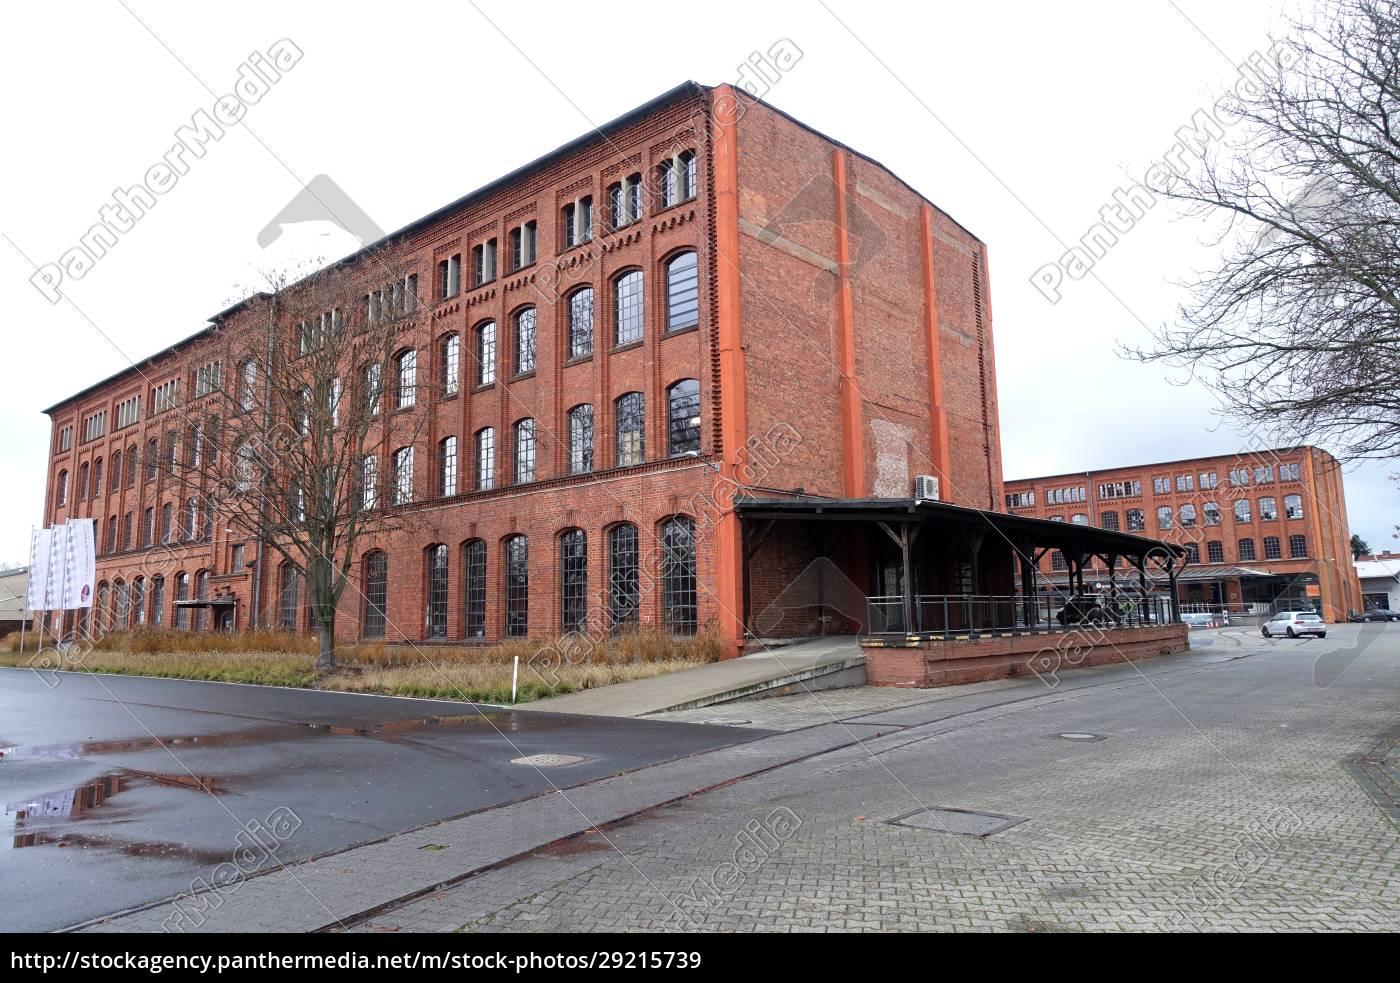 klassikstadt, -, industriegebäude, von, 1914, ehemals, landmaschinenfabrik - 29215739